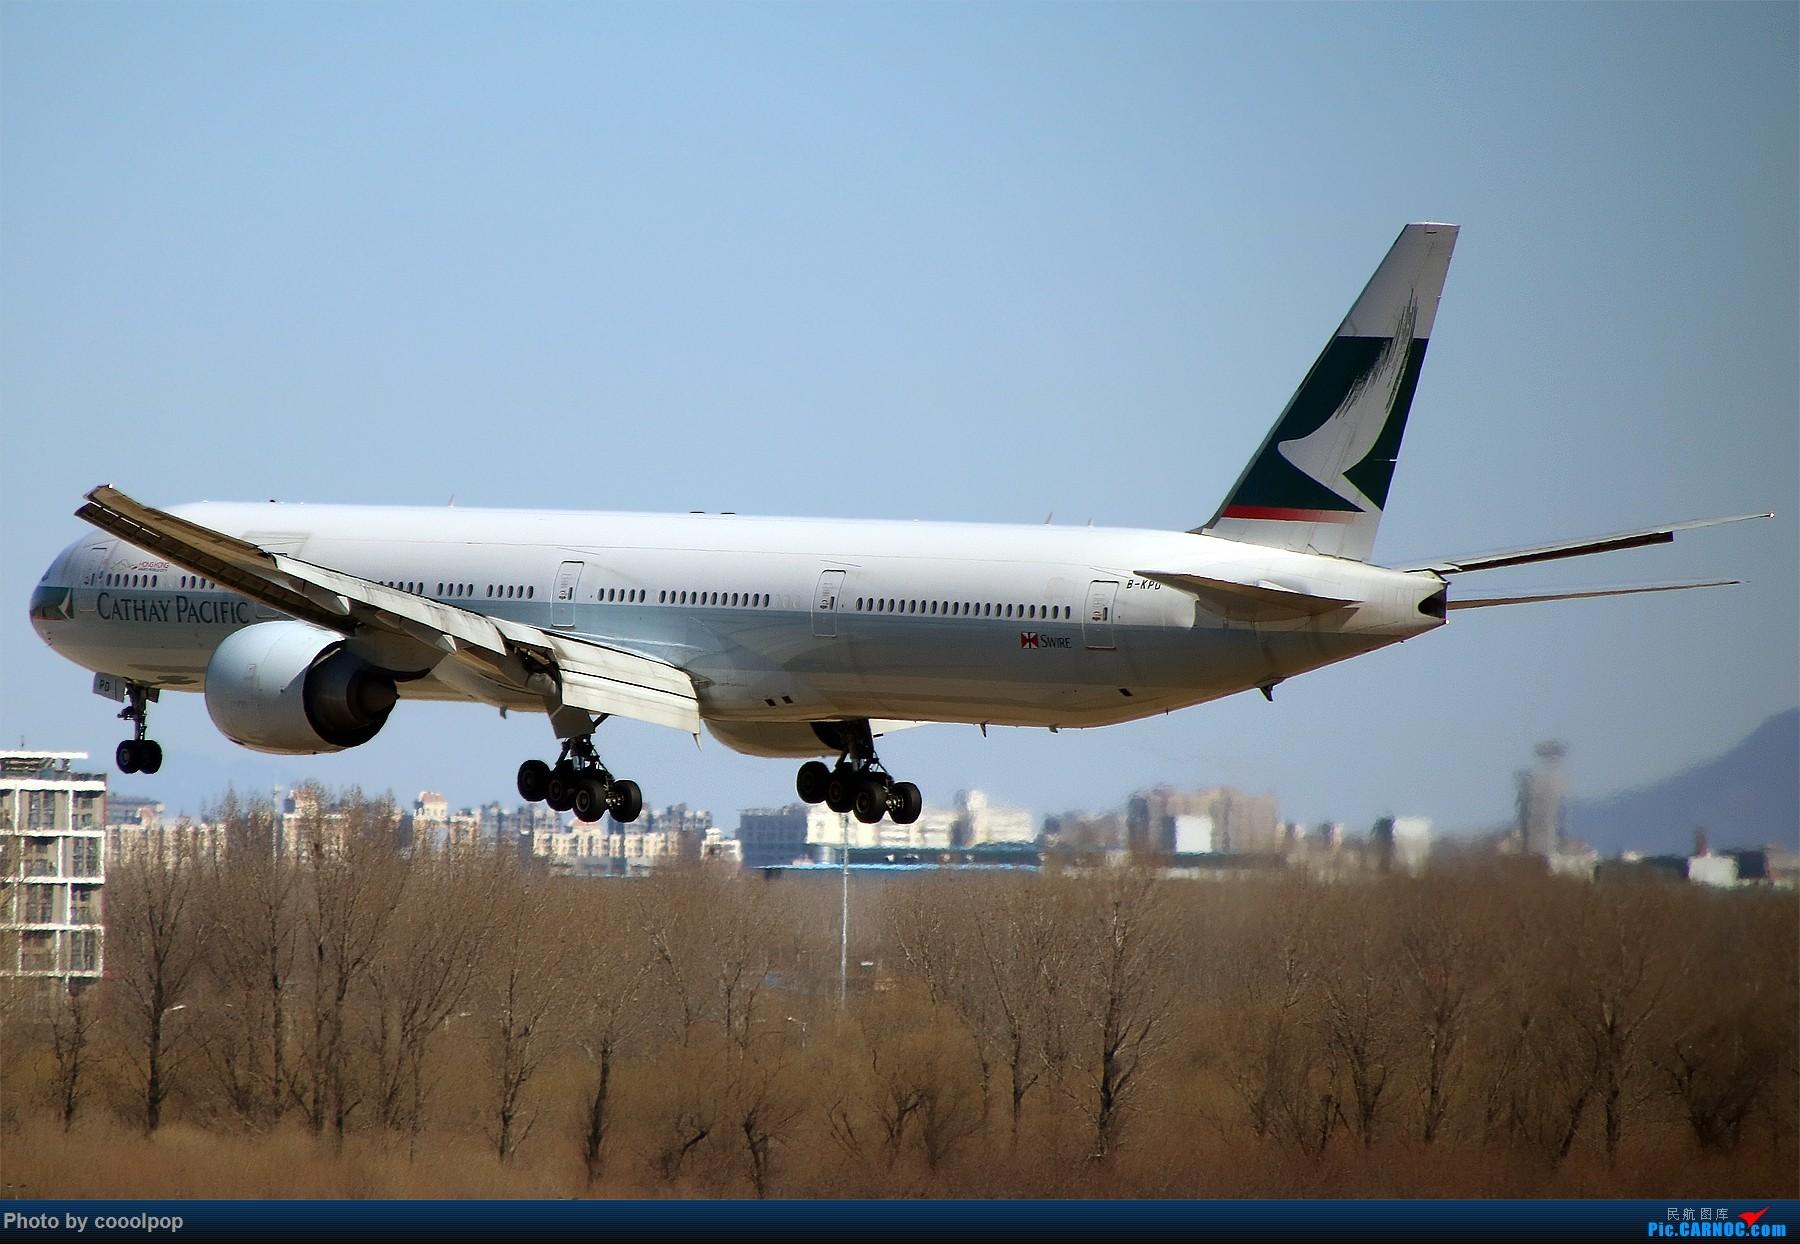 Re:[原创]PEK T3 桥上的一些大鸟!牌彩绘是要拼人品哒! BOEING 777-300ER B-KPD 中国北京首都国际机场